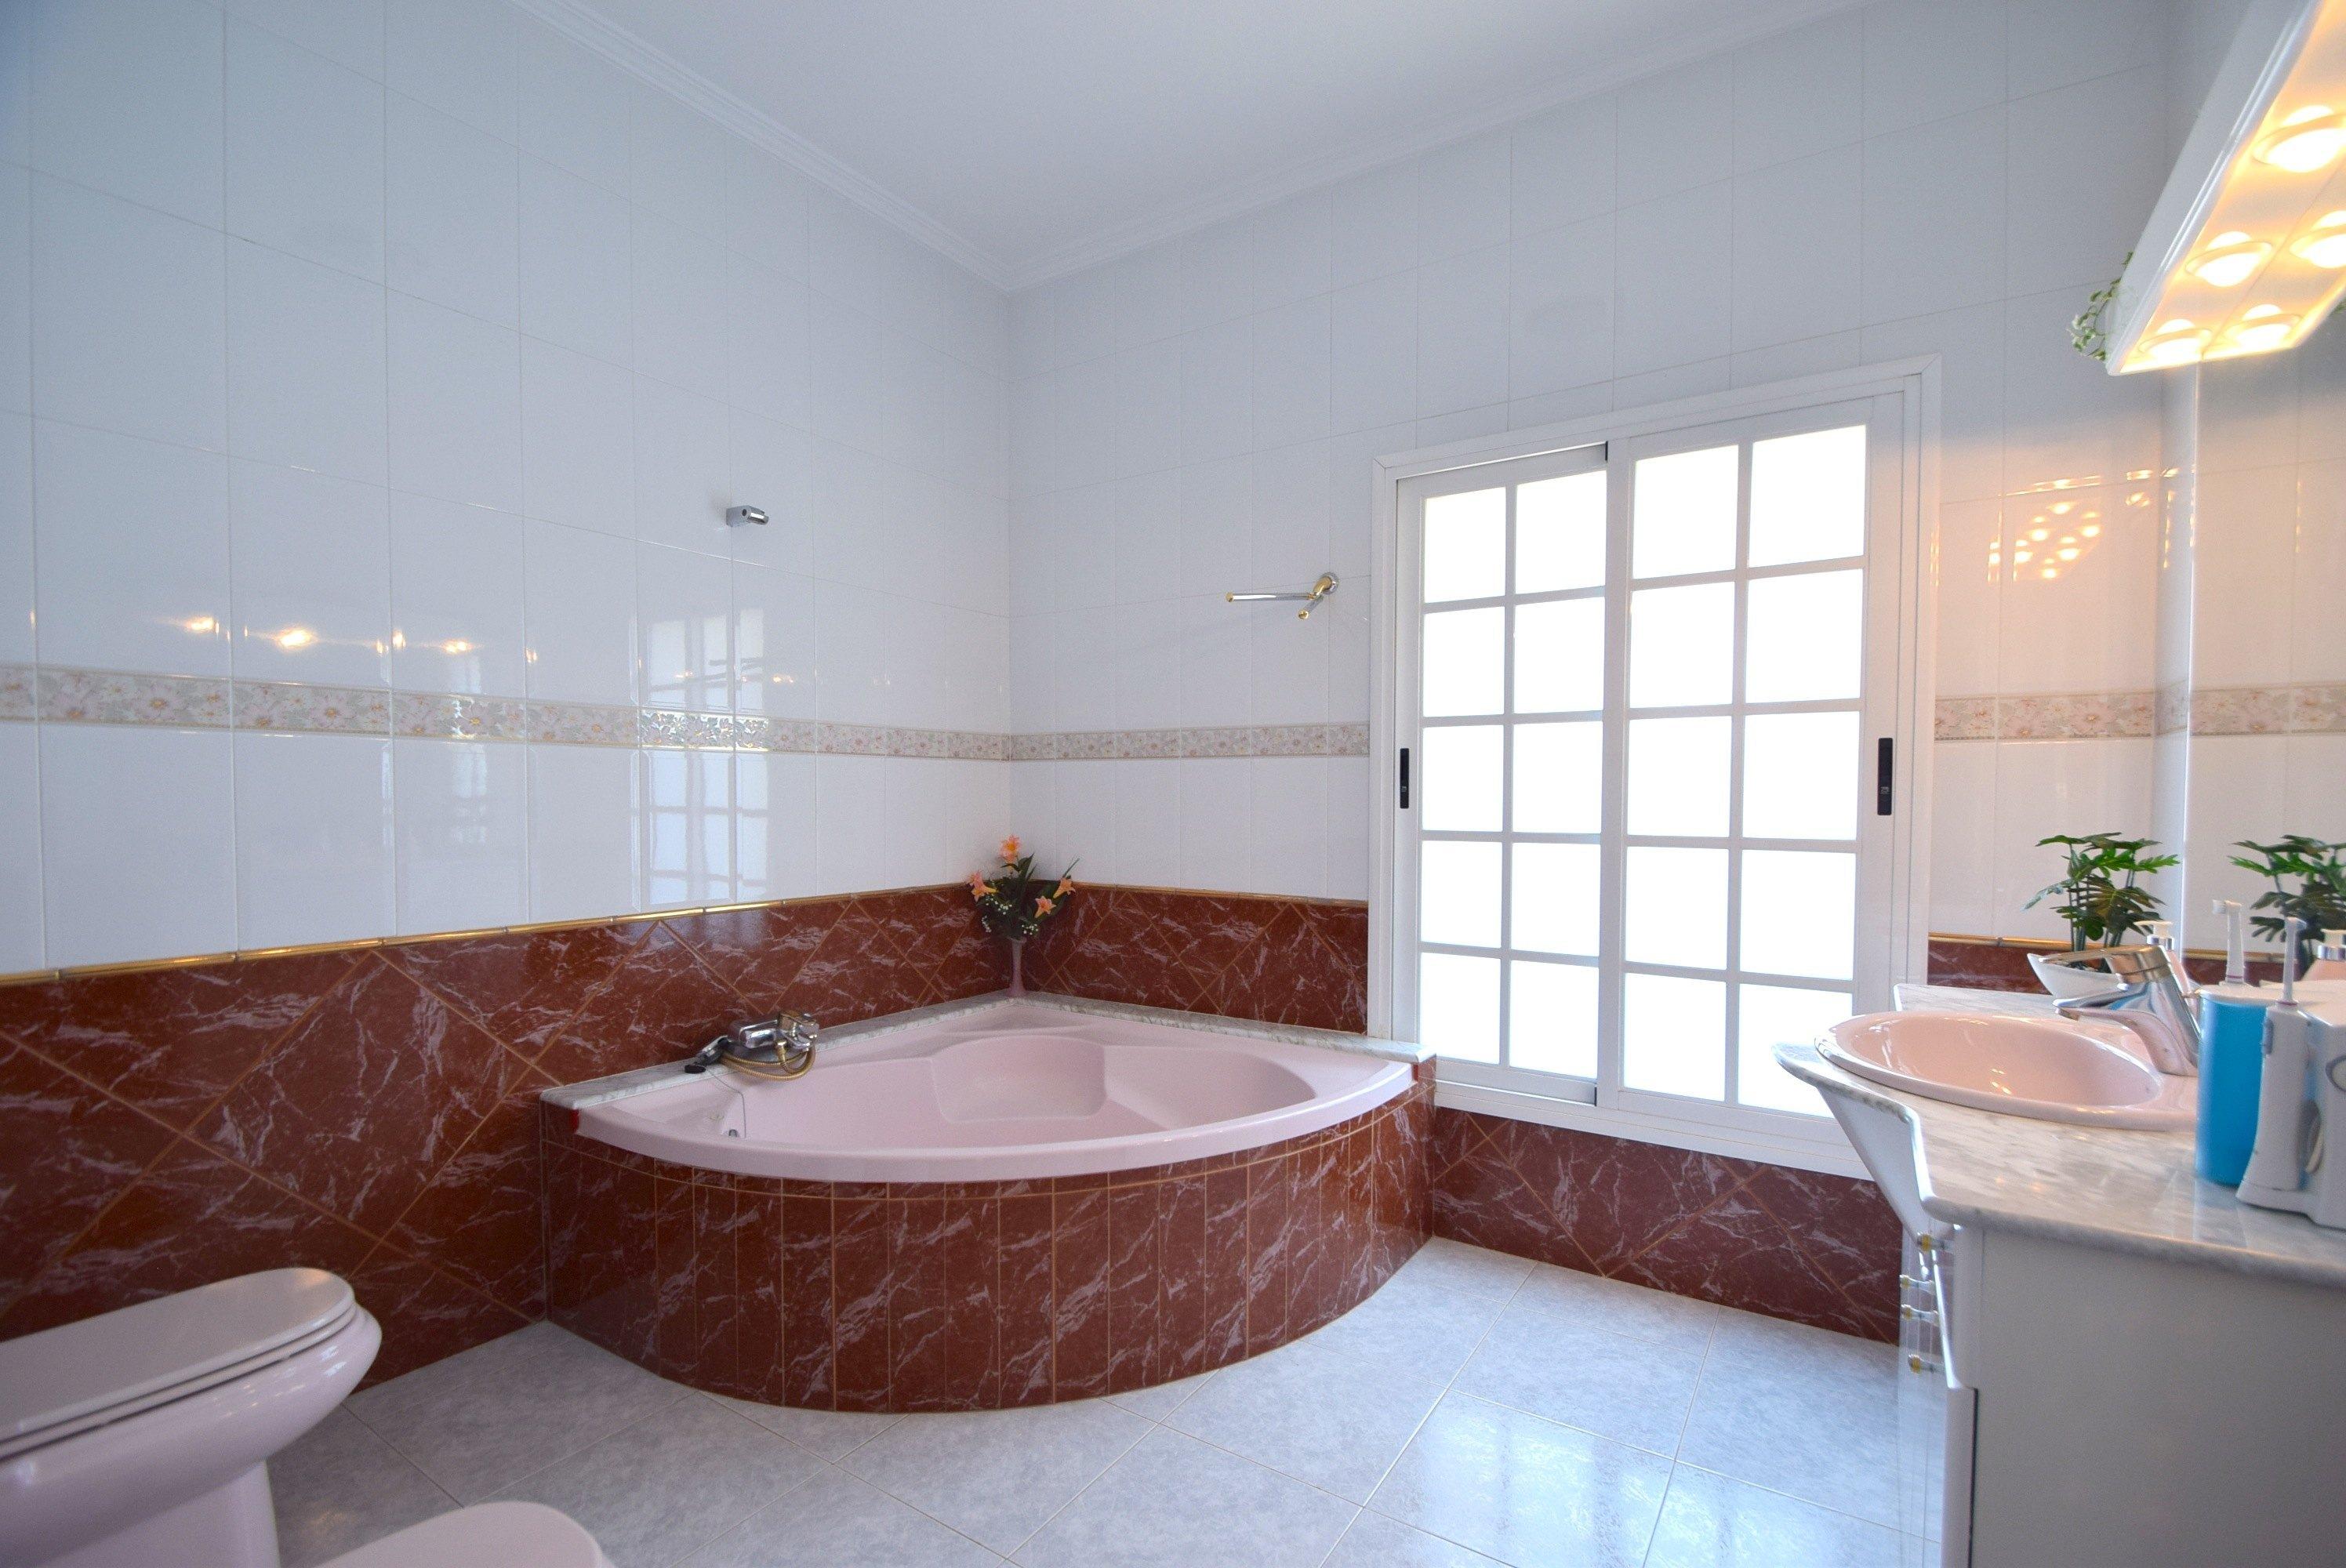 Chalet | Villa en venta en Alfaz del Pi, con amplias estancias y piscina